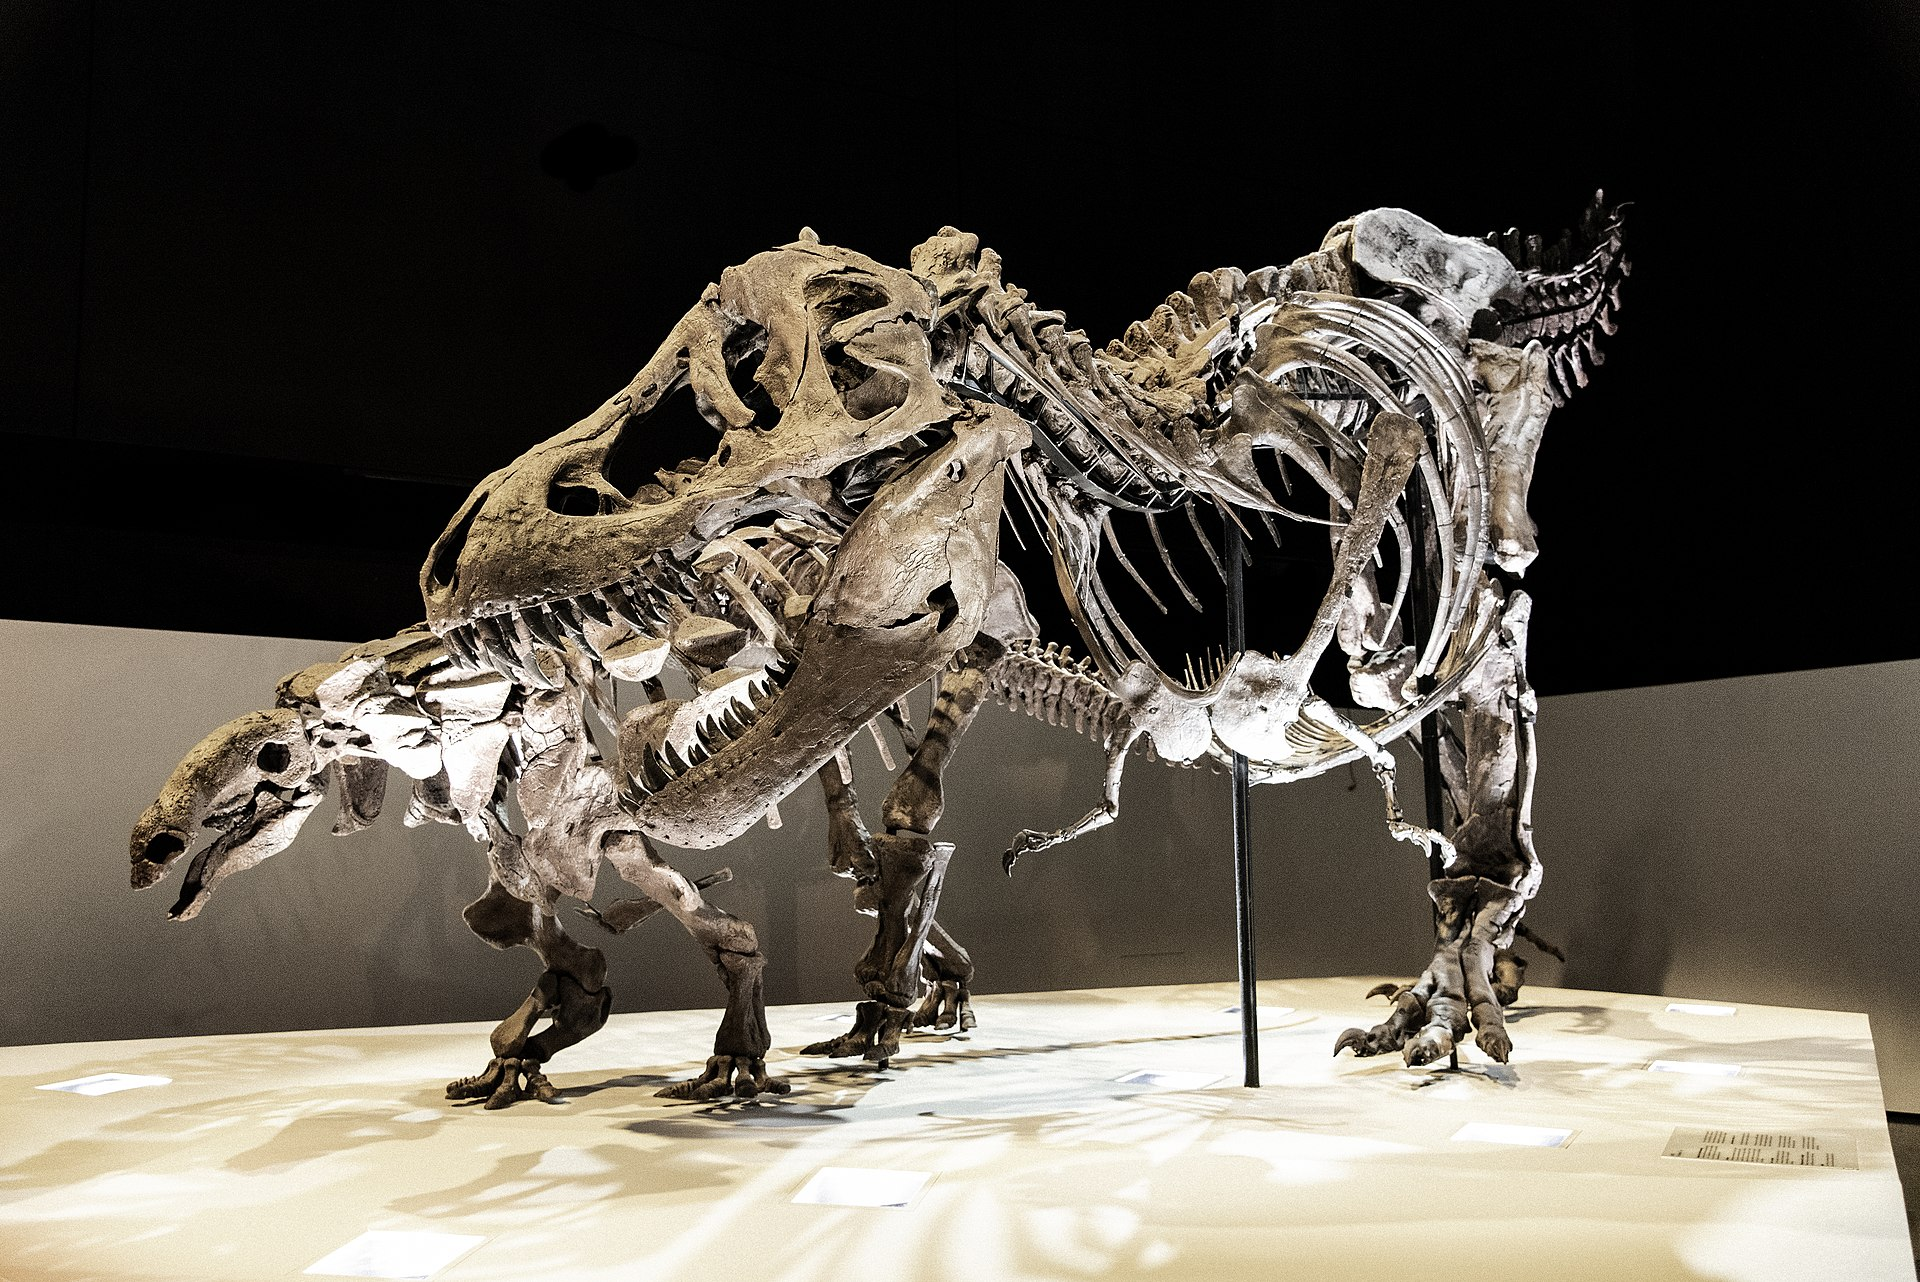 Tyrannosaurus rex byl několikatunovým dravým obrem, schopným uchvátit kořist o velikosti dnešního slona. Podle posledních zjištění nebyl extrémně rychlým běžcem, dokázal ale efektivně a relativně rychle kráčet na dlouhé vzdálenosti. Zde v expozici Ho